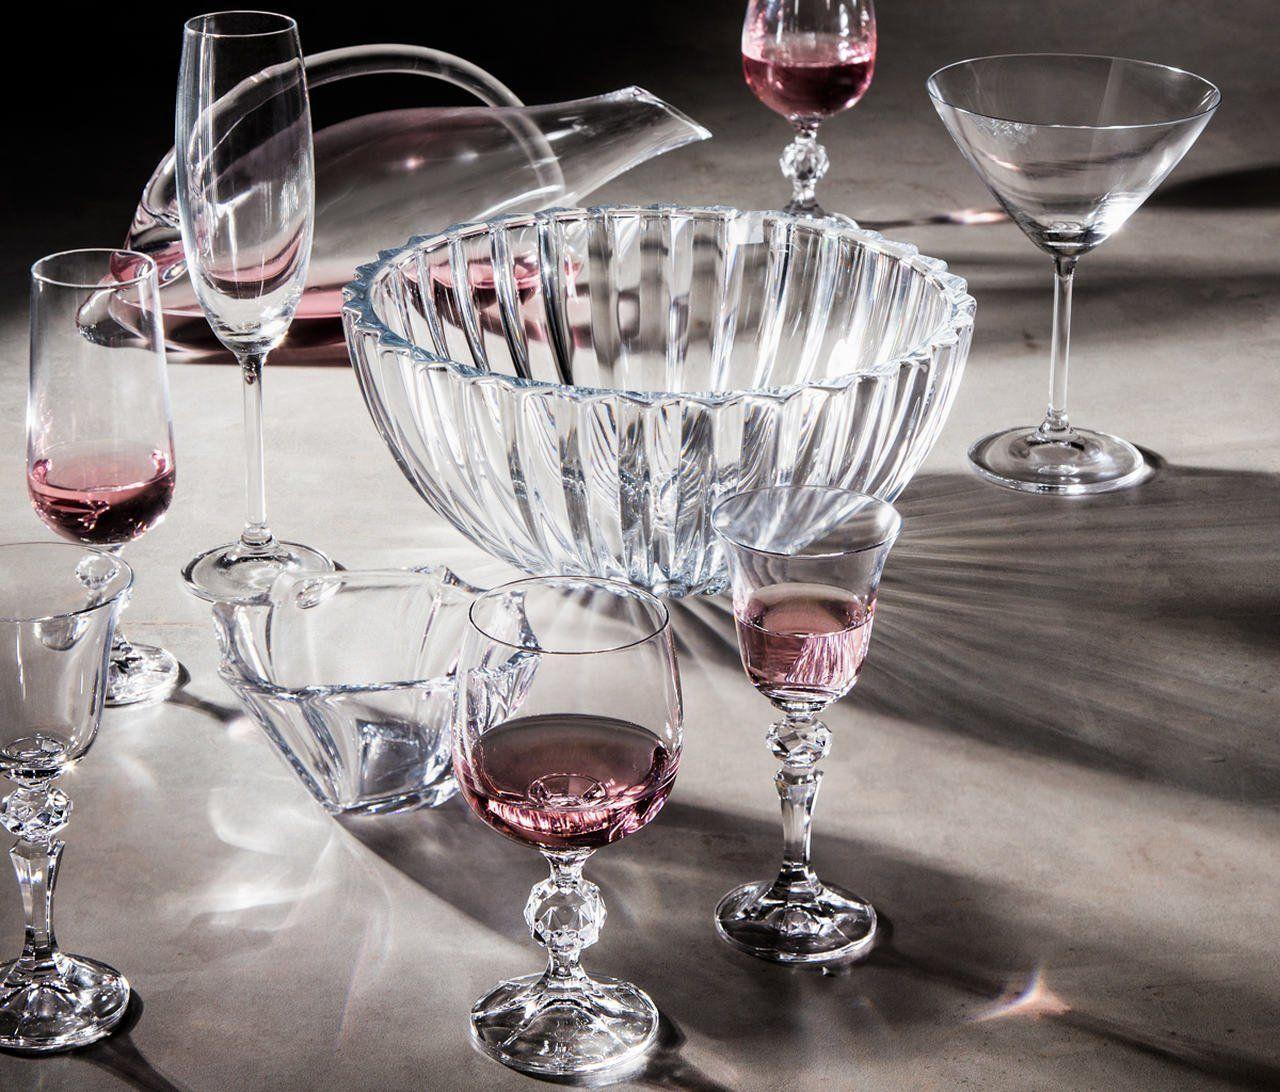 Jogo 6 taças 190ml para vinho branco de cristal ecológico transparente Klaudie/Sterna Bohemia - 5439